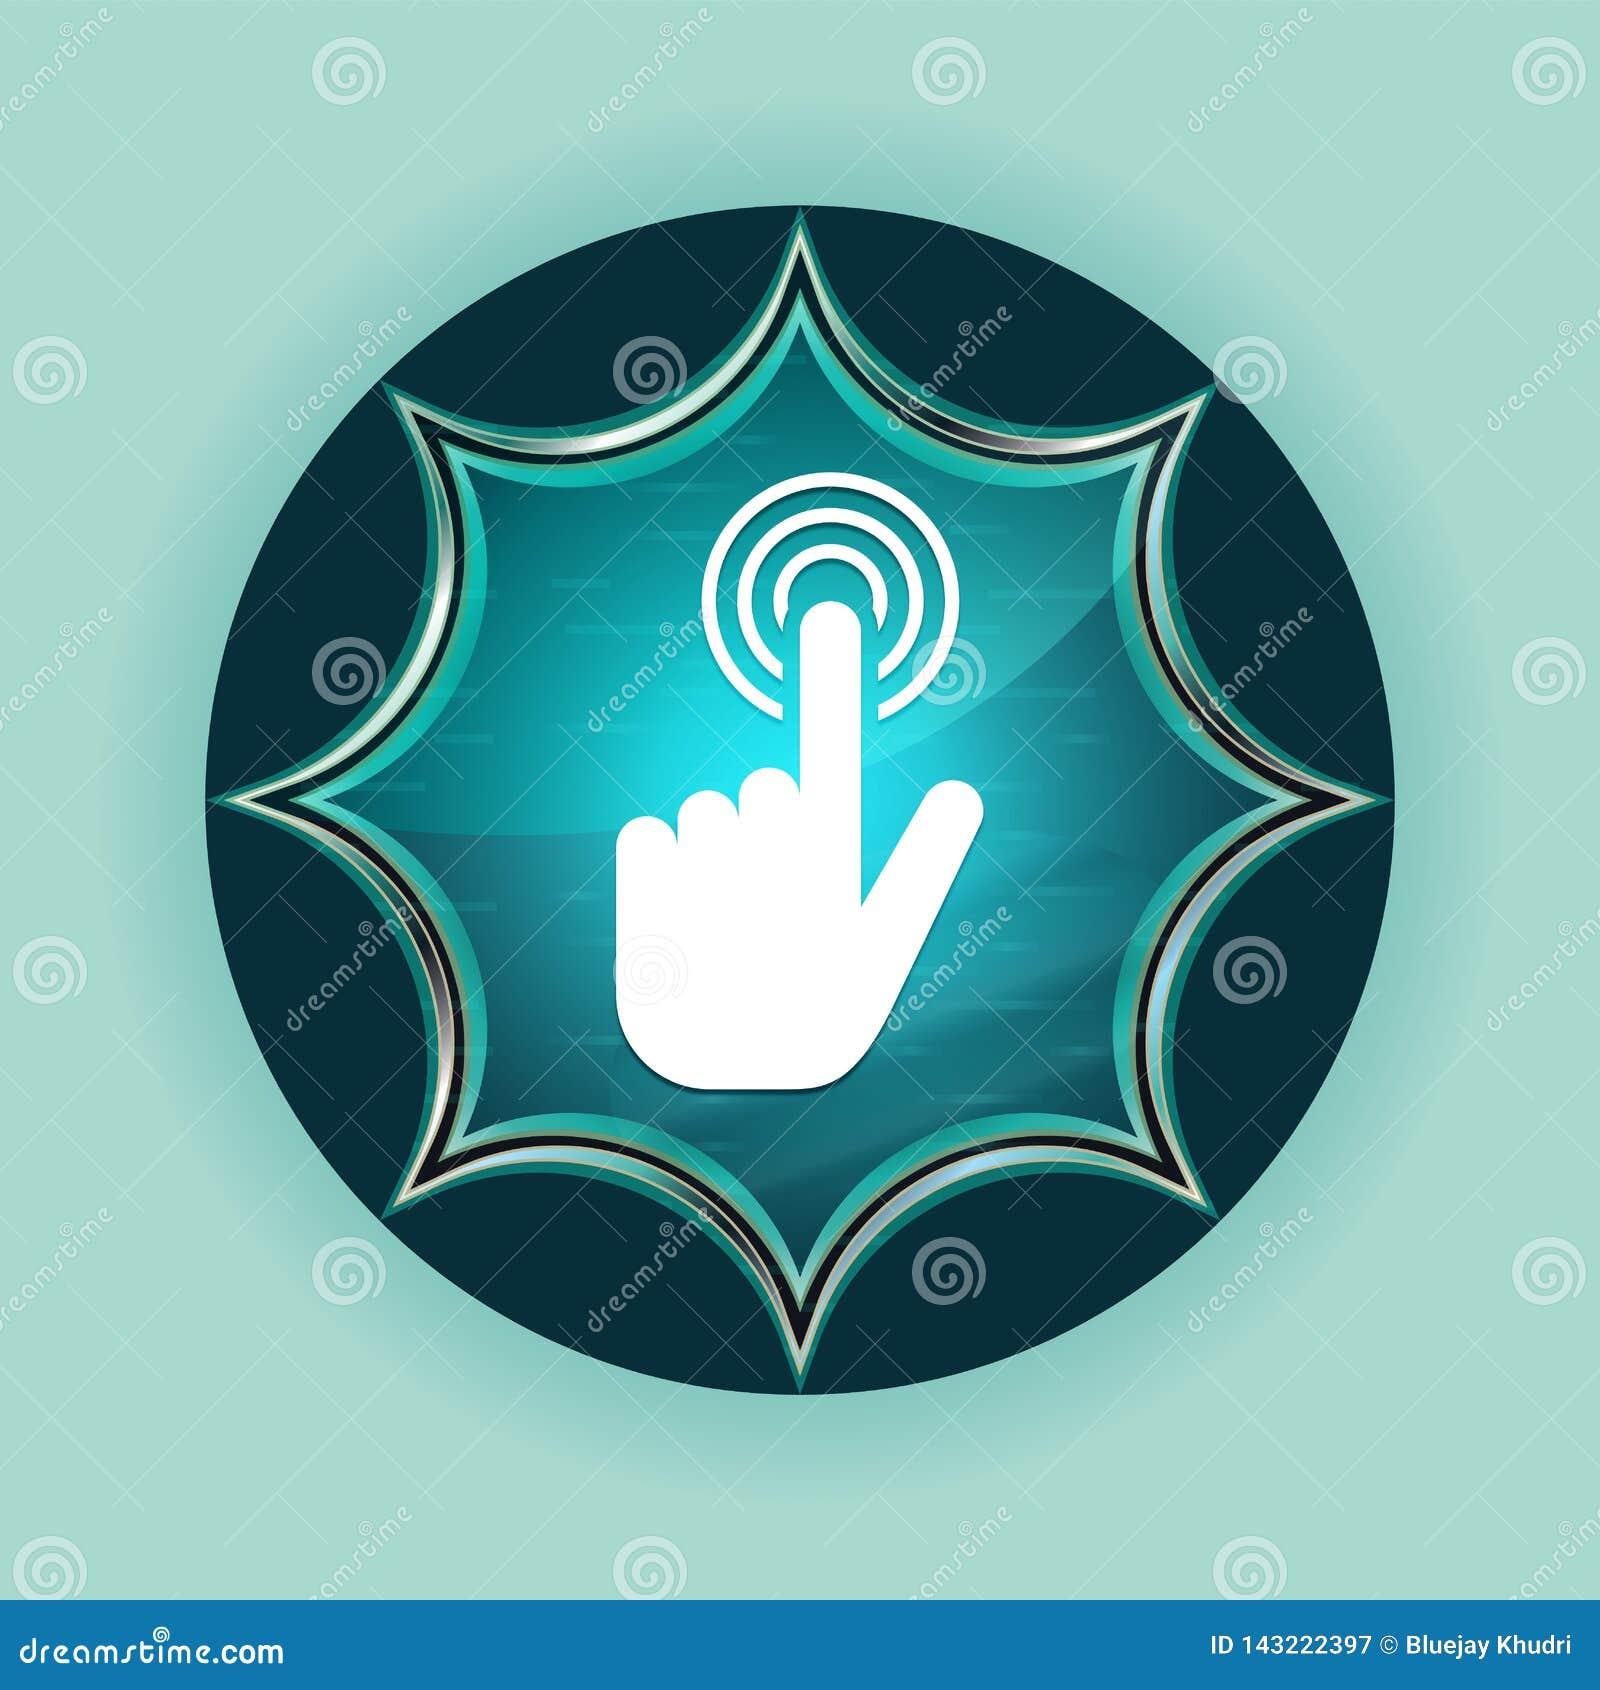 Fundo azul sunburst vítreo mágico dos azul-céu do botão do ícone do clique do cursor da mão